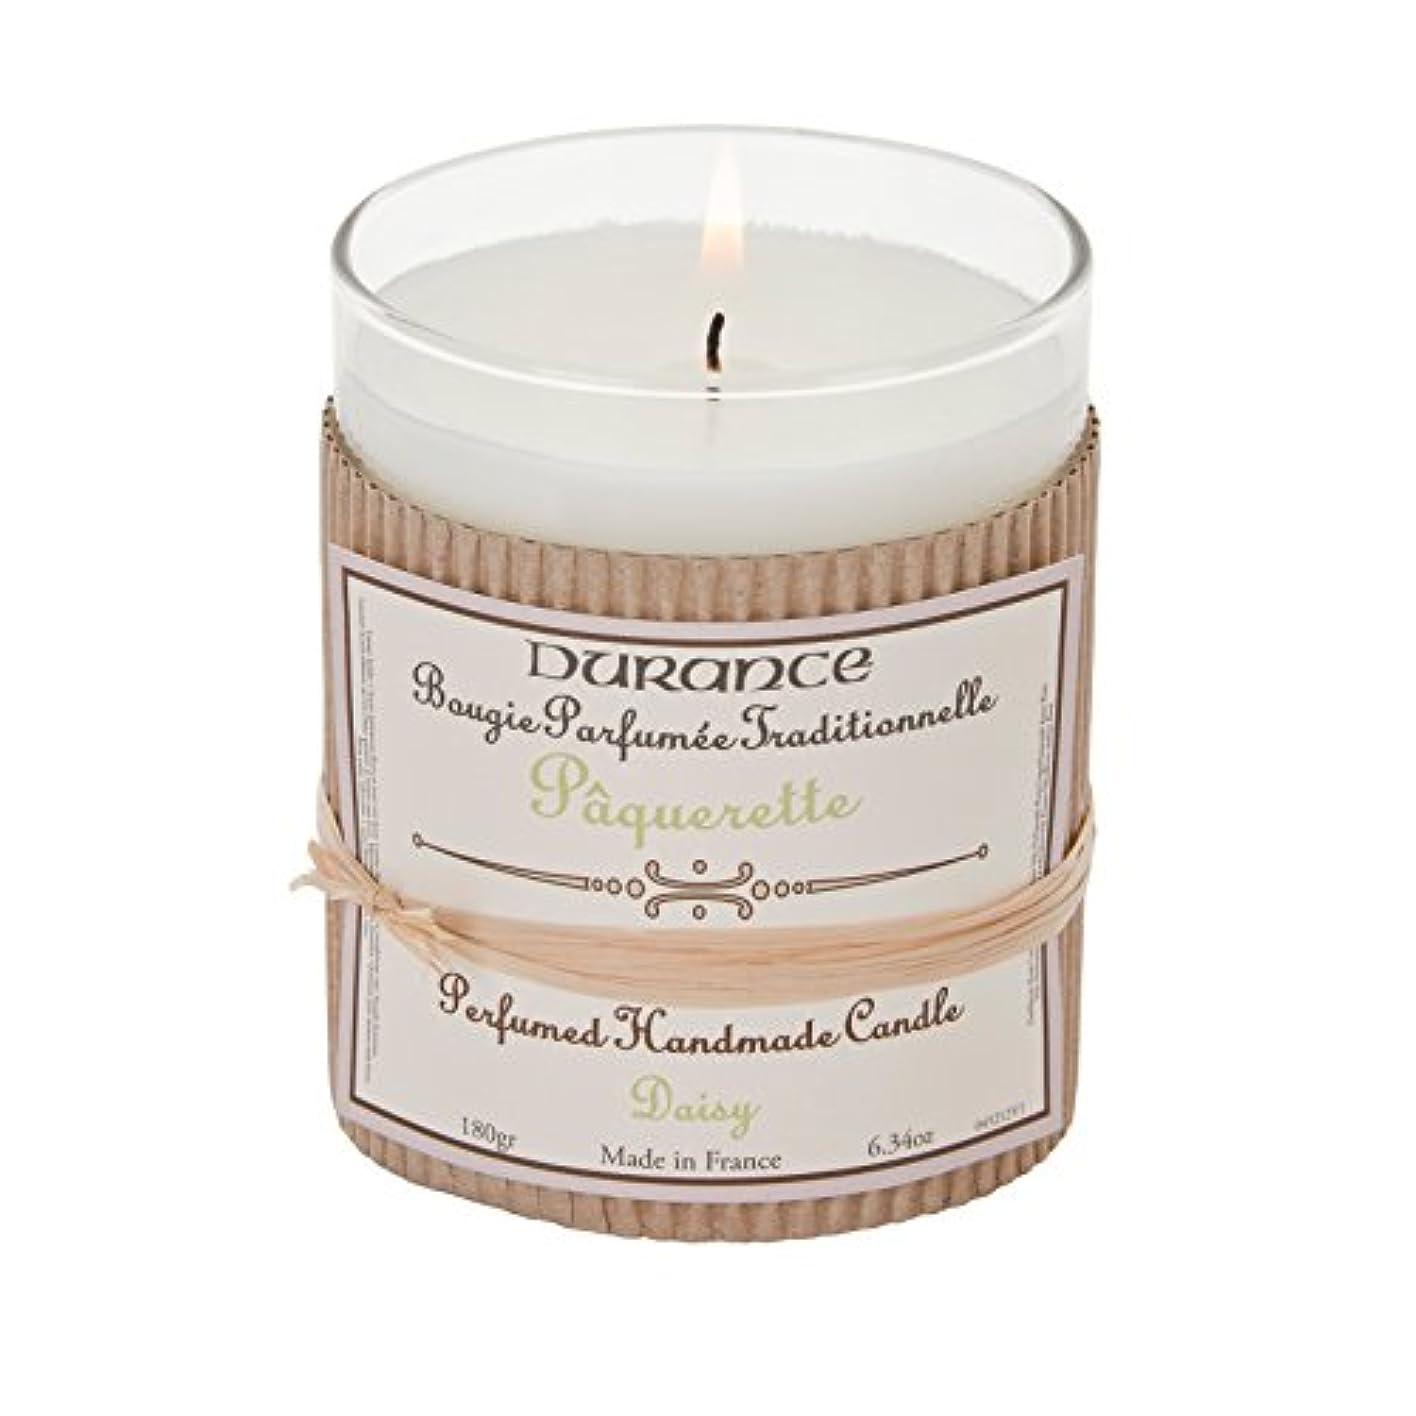 消防士速報確執Durance De Provence Hand Crafted Scented Candle - Daisy